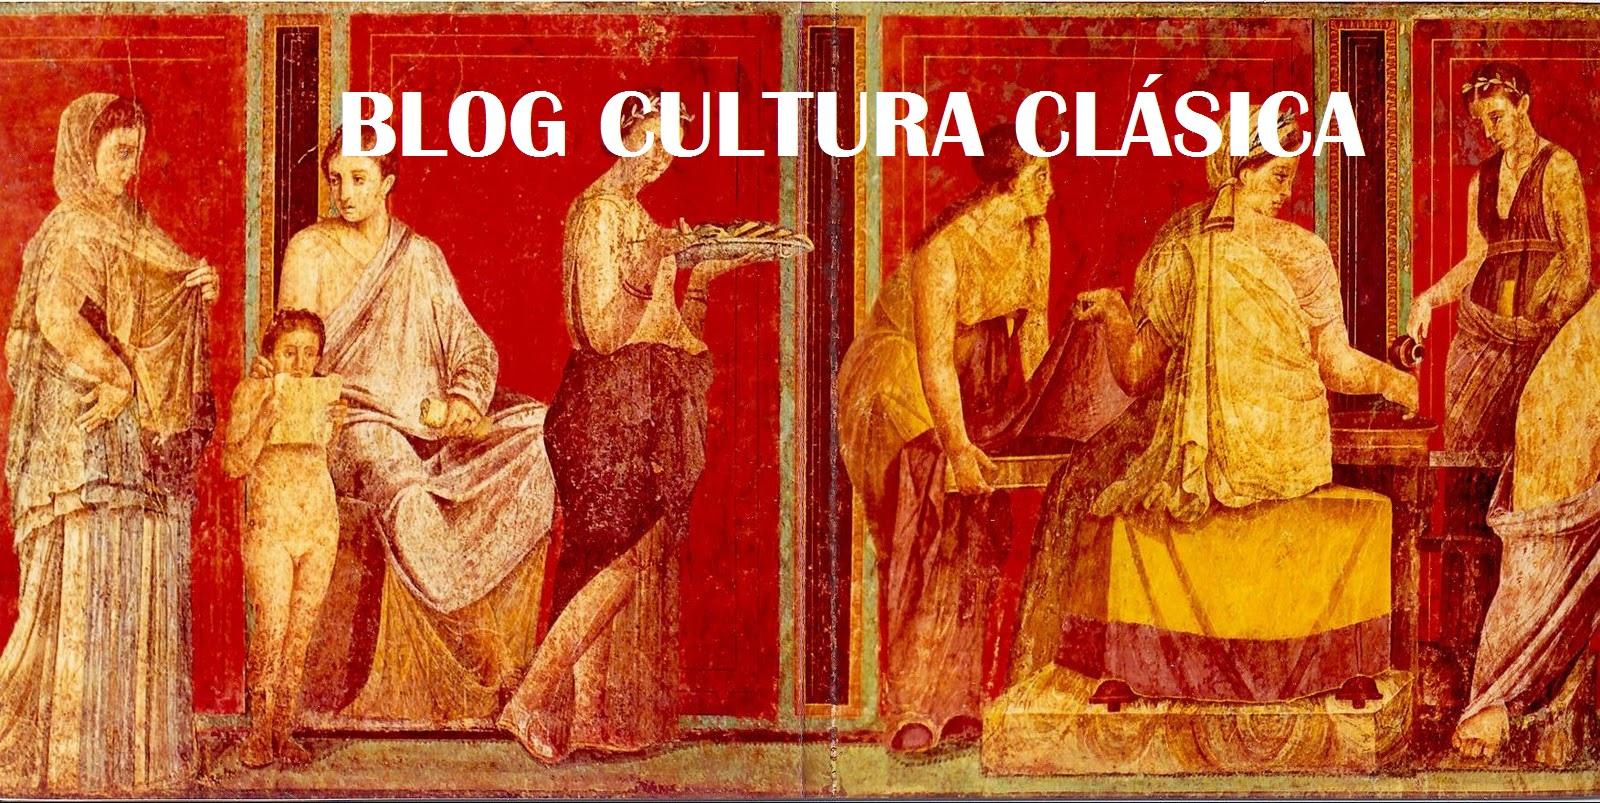 Blog CULTURA CLASICA